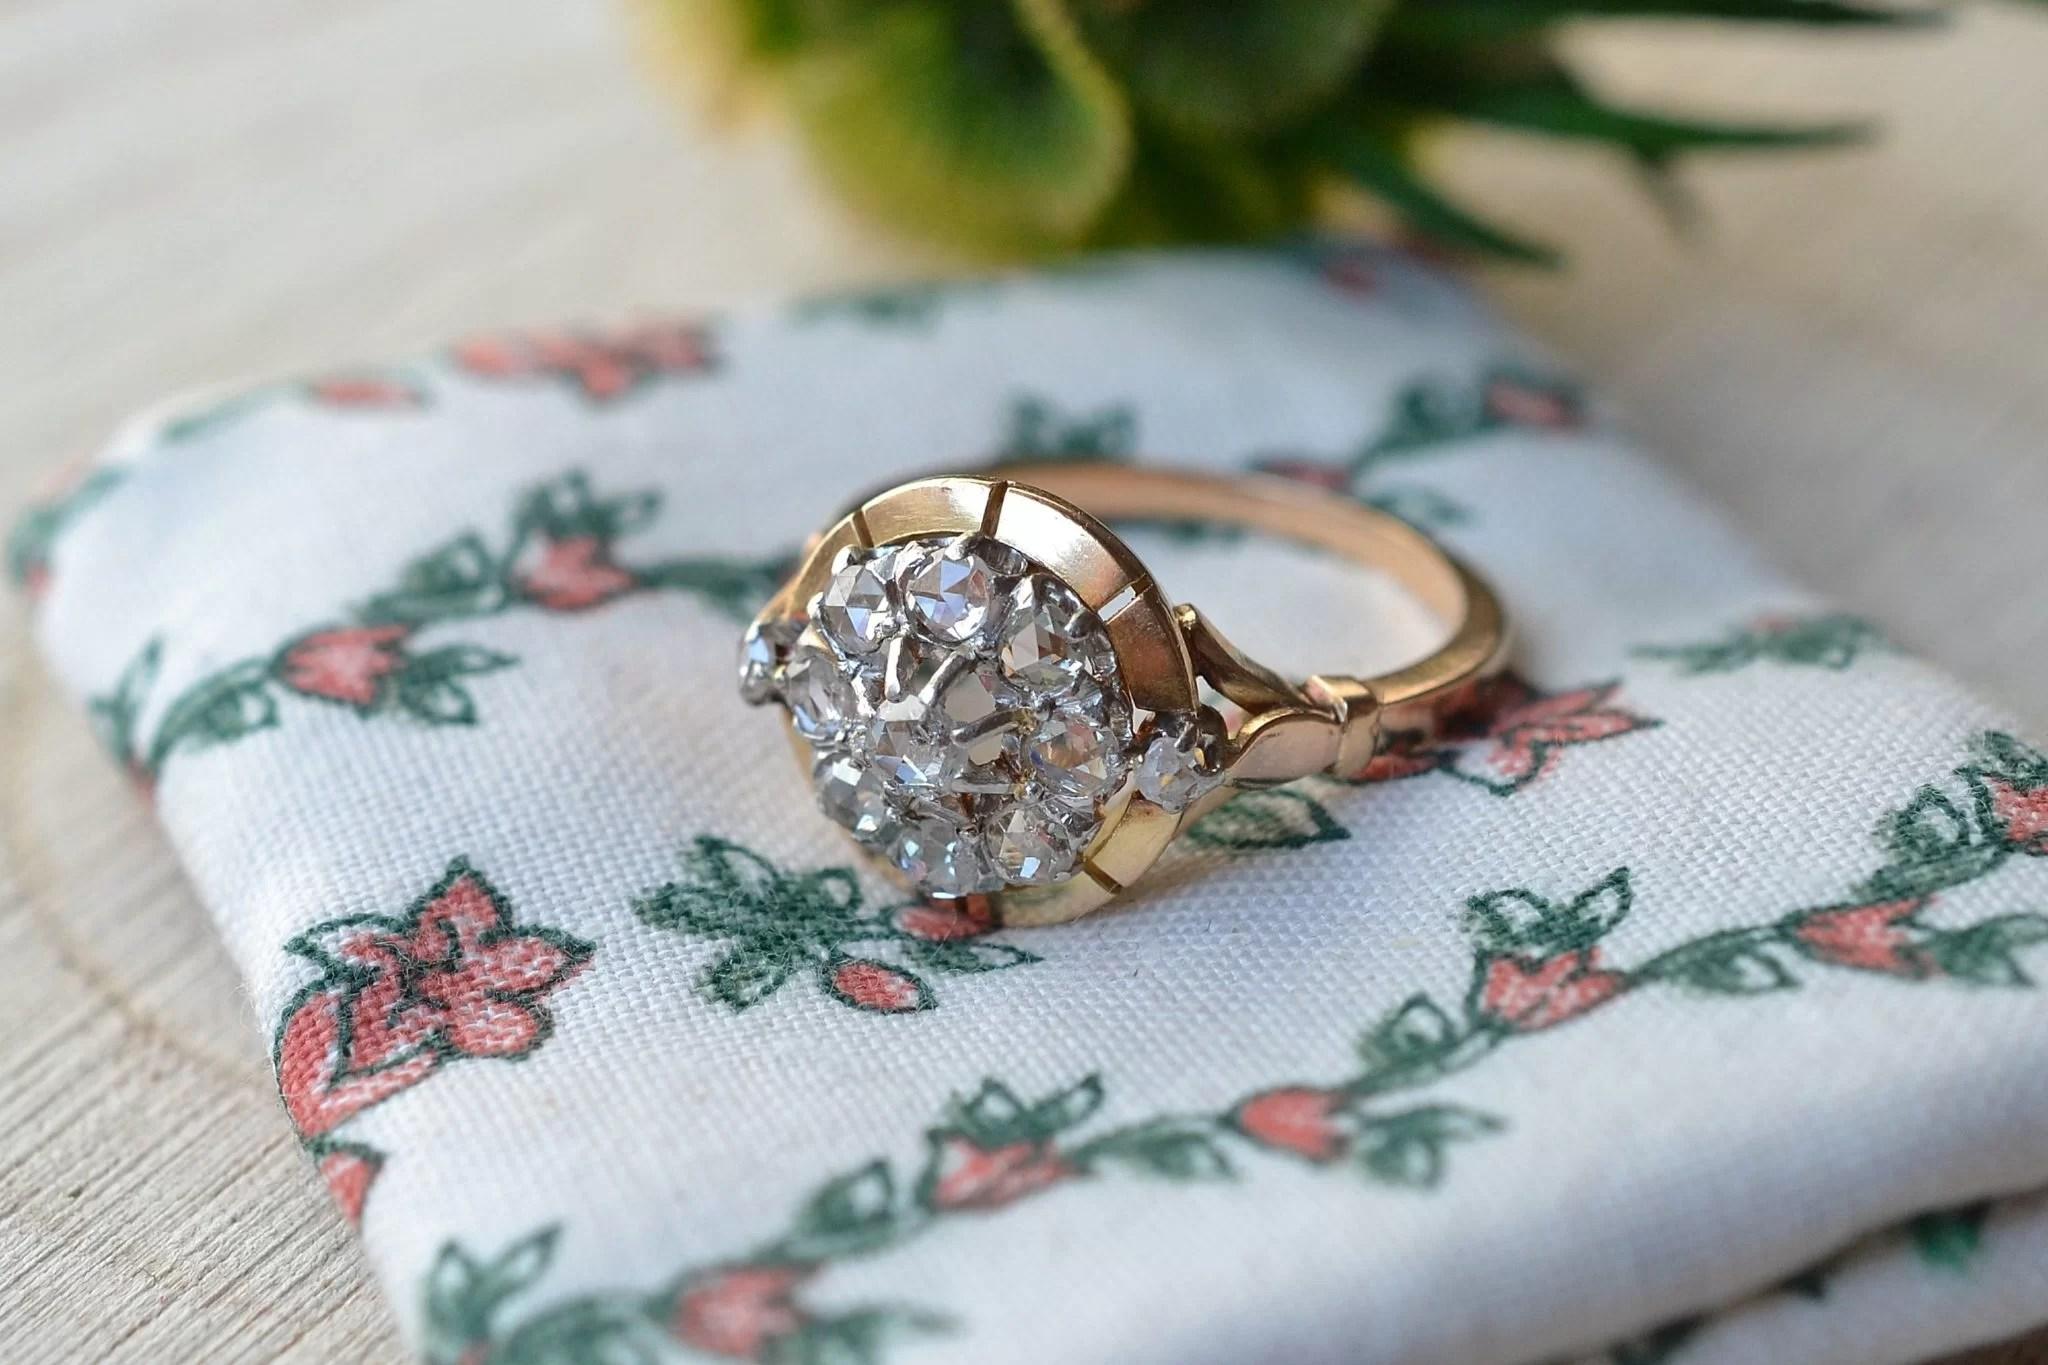 Bague en Or jaune enrichie de diamants - bague de fiançailles Vintage